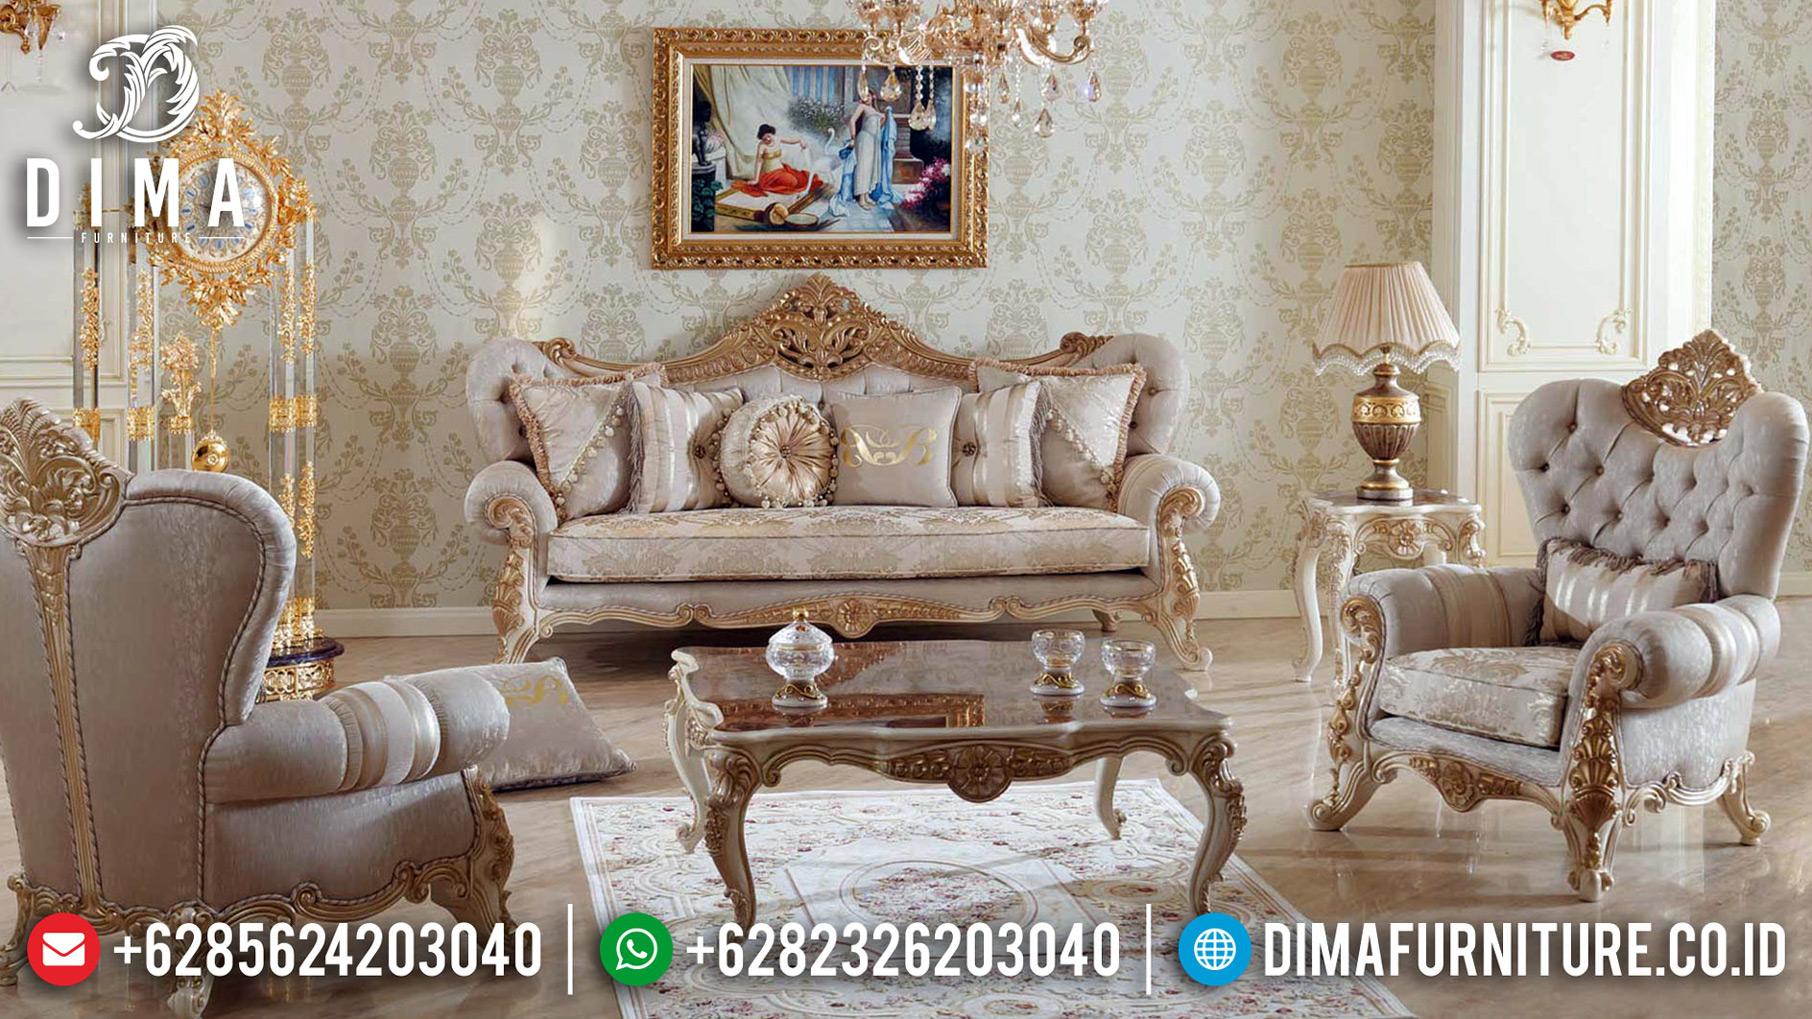 Jual Sofa Tamu Ukiran Luxury Royals Furniture Jepara Best Solid Wood BT-0688